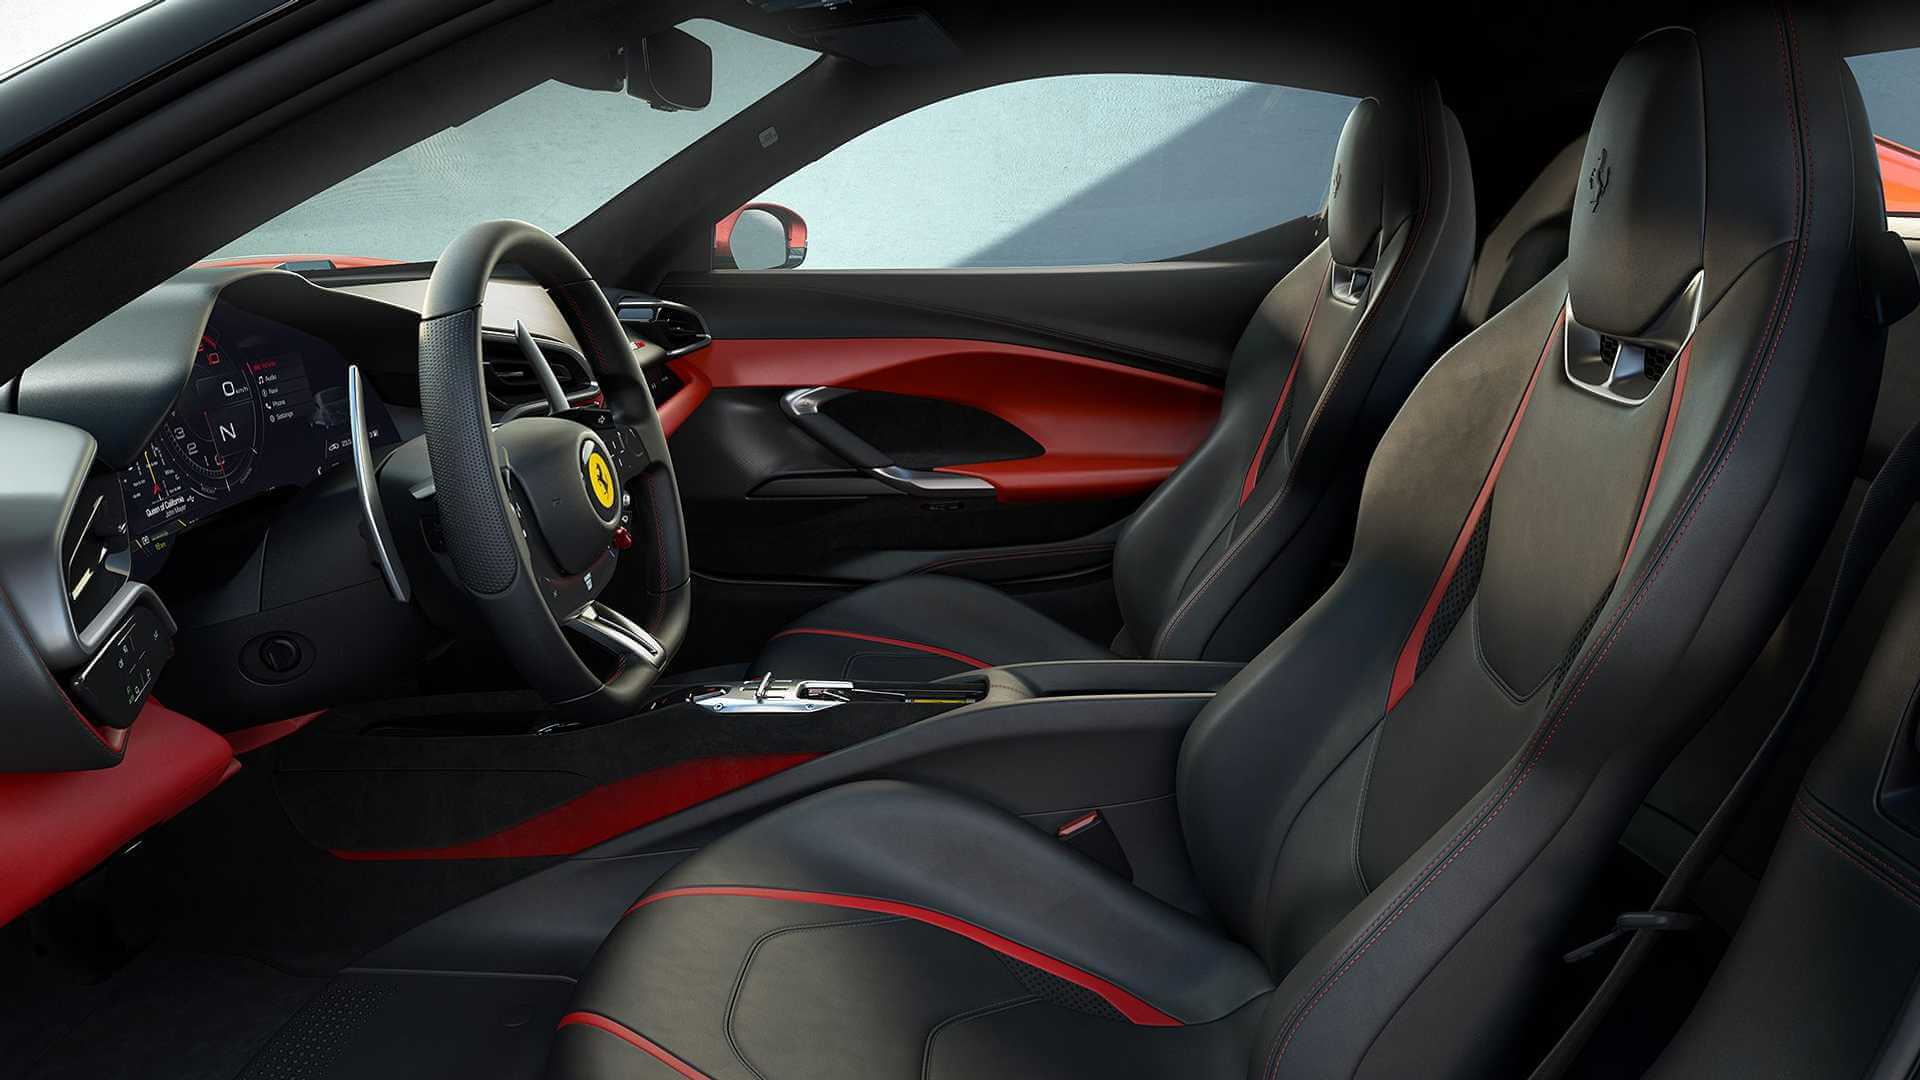 Двухместный спортивный автомобиль Ferrari сгибридной силовой установкой